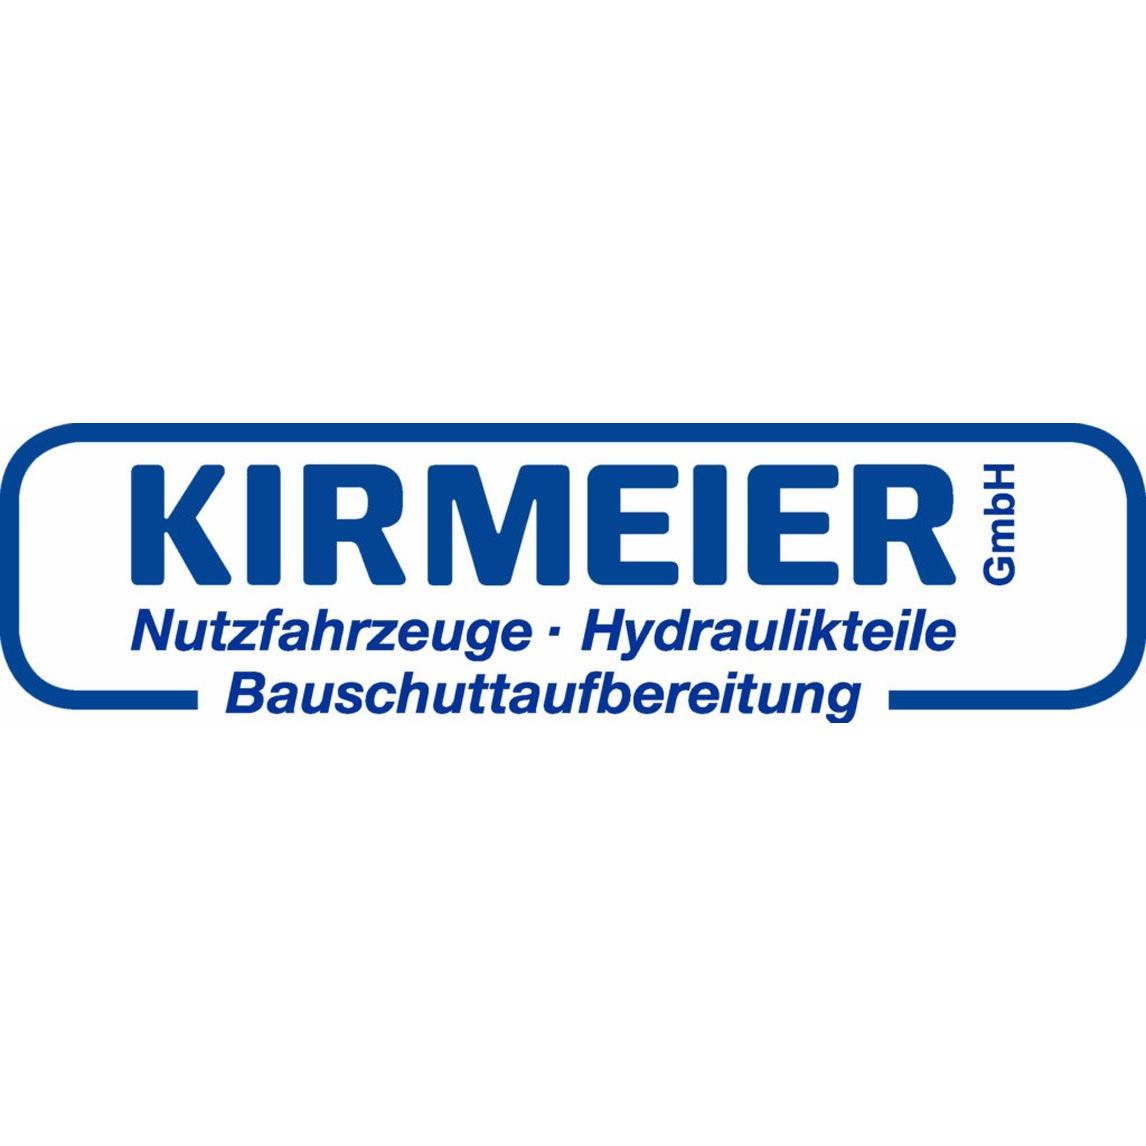 Bild zu Kirmeier GmbH Nutzfahrzeuge Hydraulikteile Bauschuttaufbereitung in Wurmsham